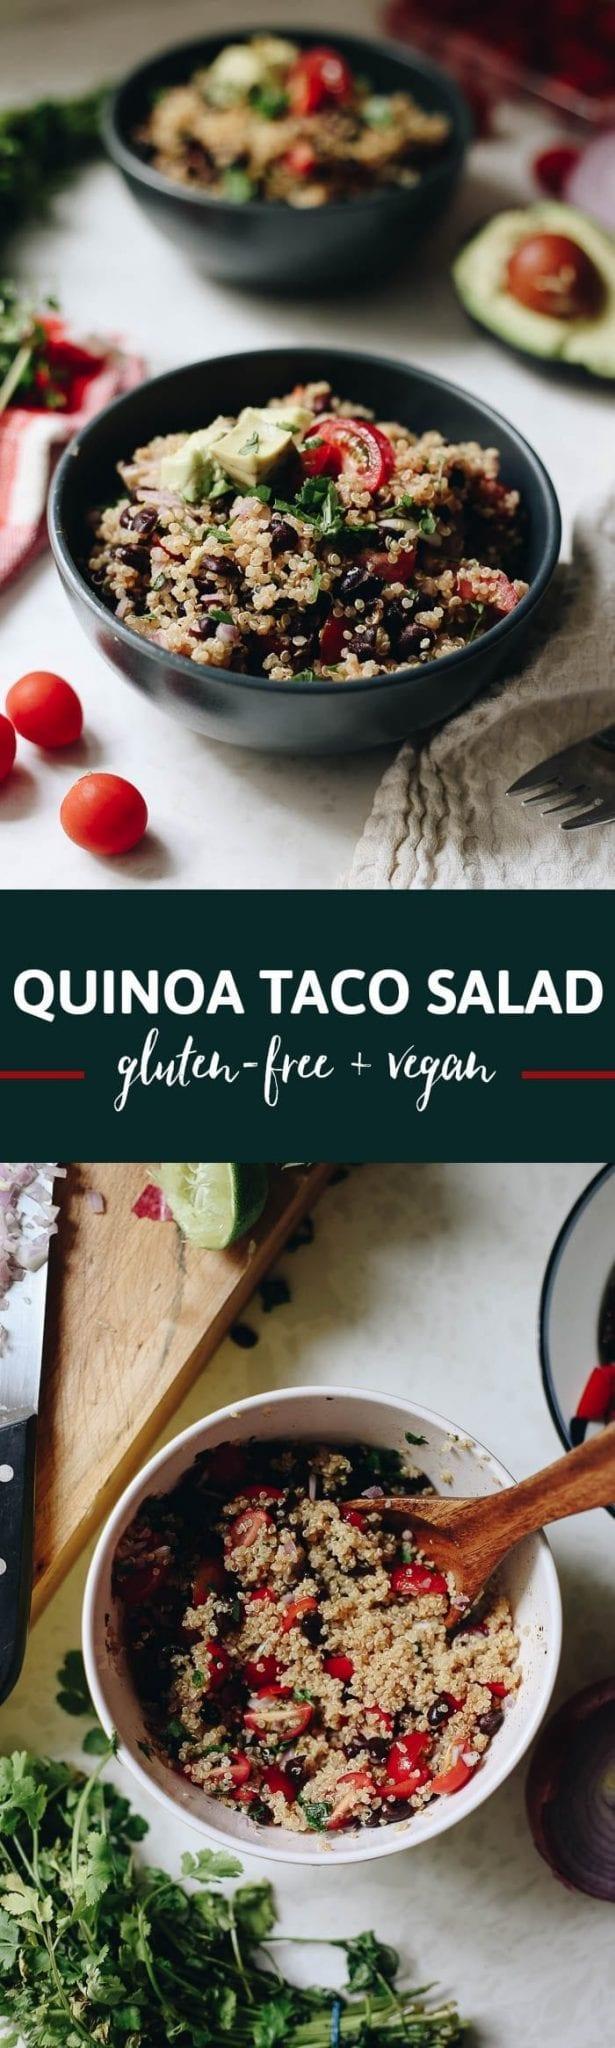 Qunoa-Taco-Salad-PI